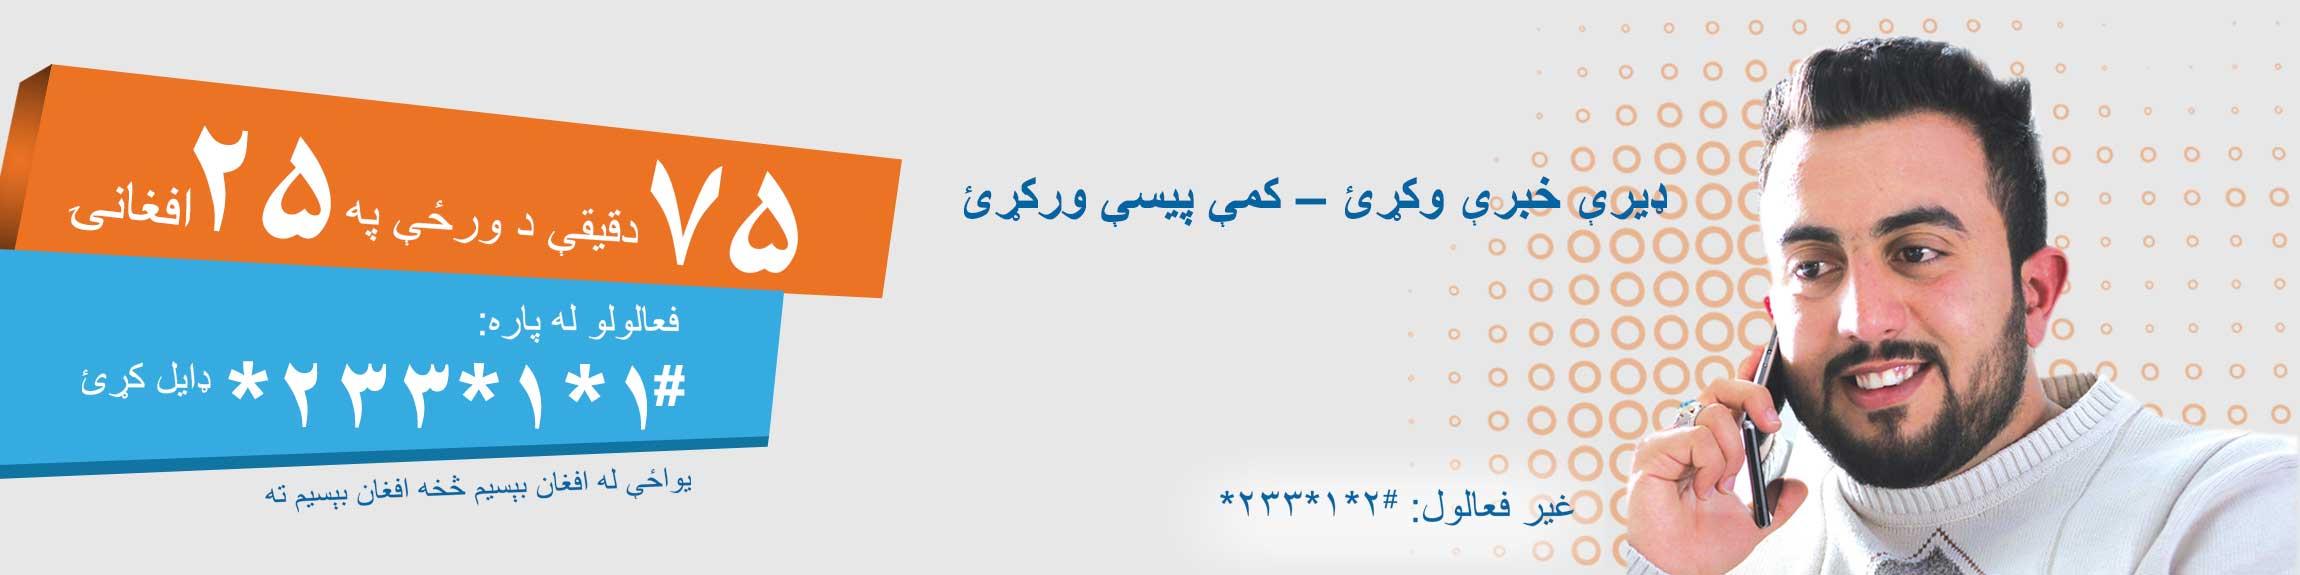 75-min-Pashto-for-website